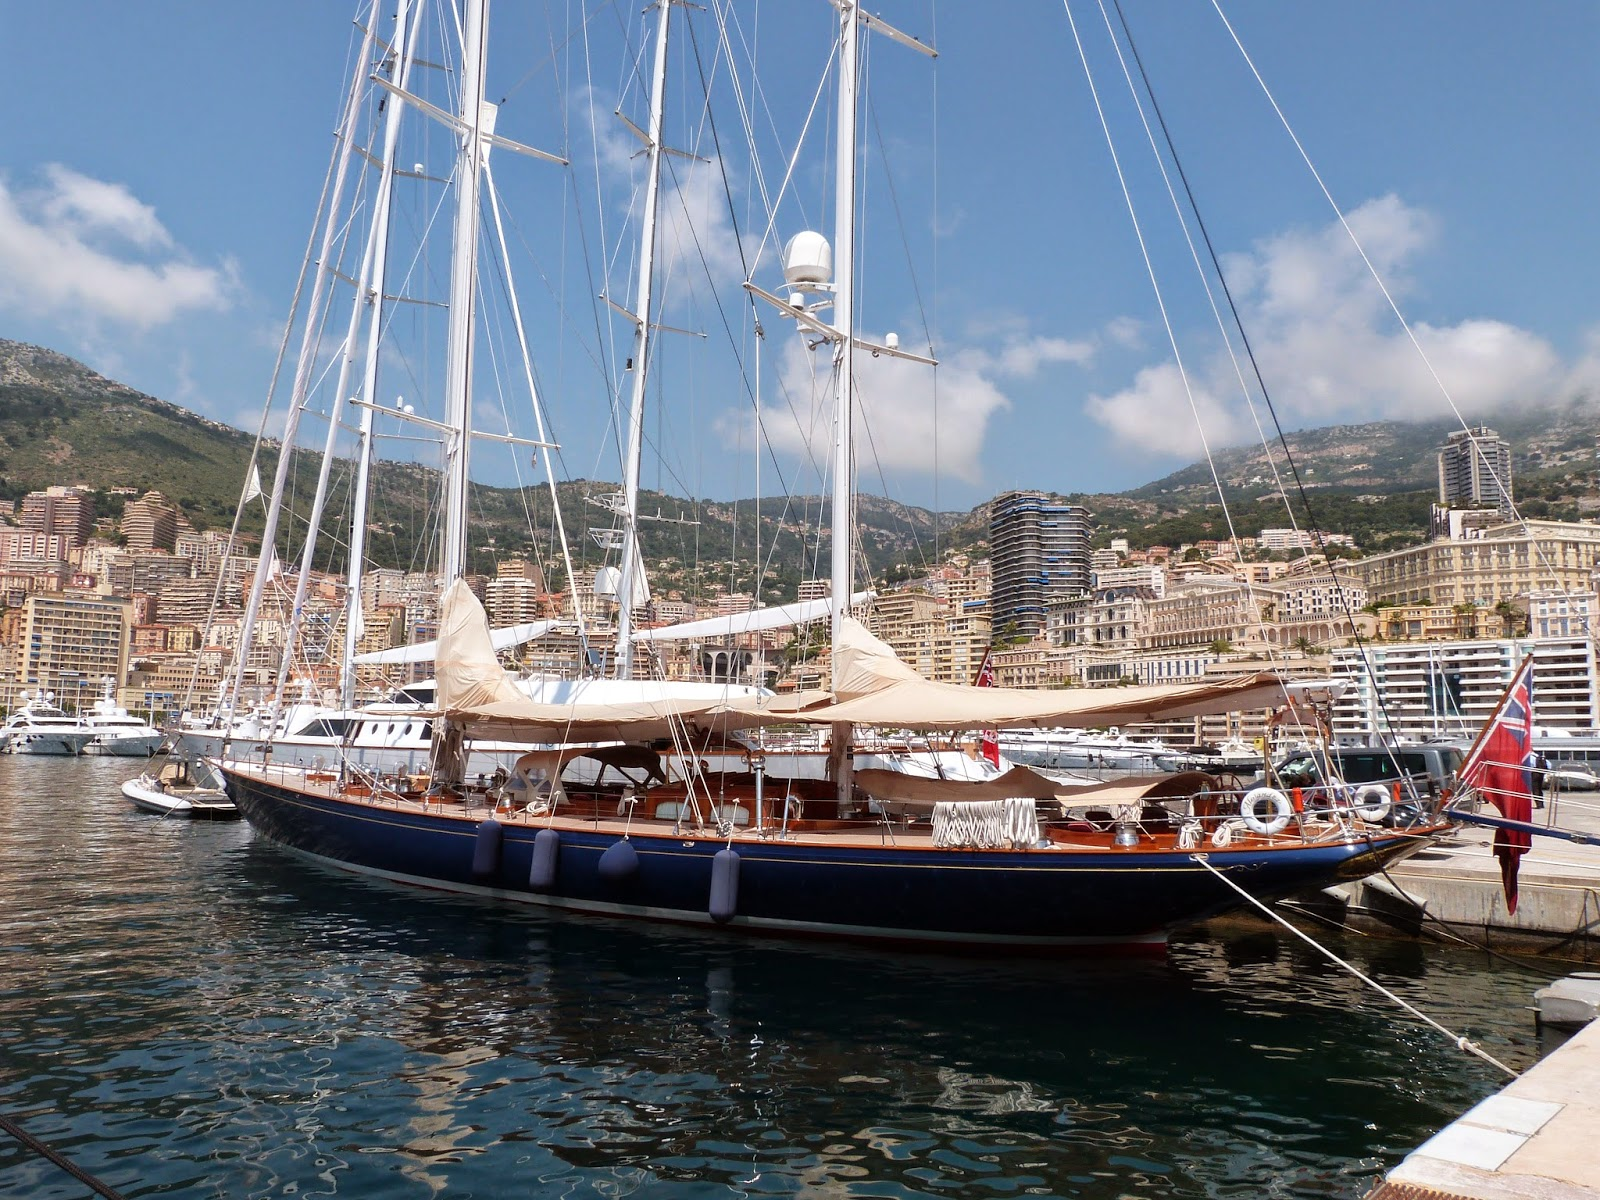 Sailing yacht Alejandra, owned by Ferruccio Fiorucci - www.superyachtfan.com